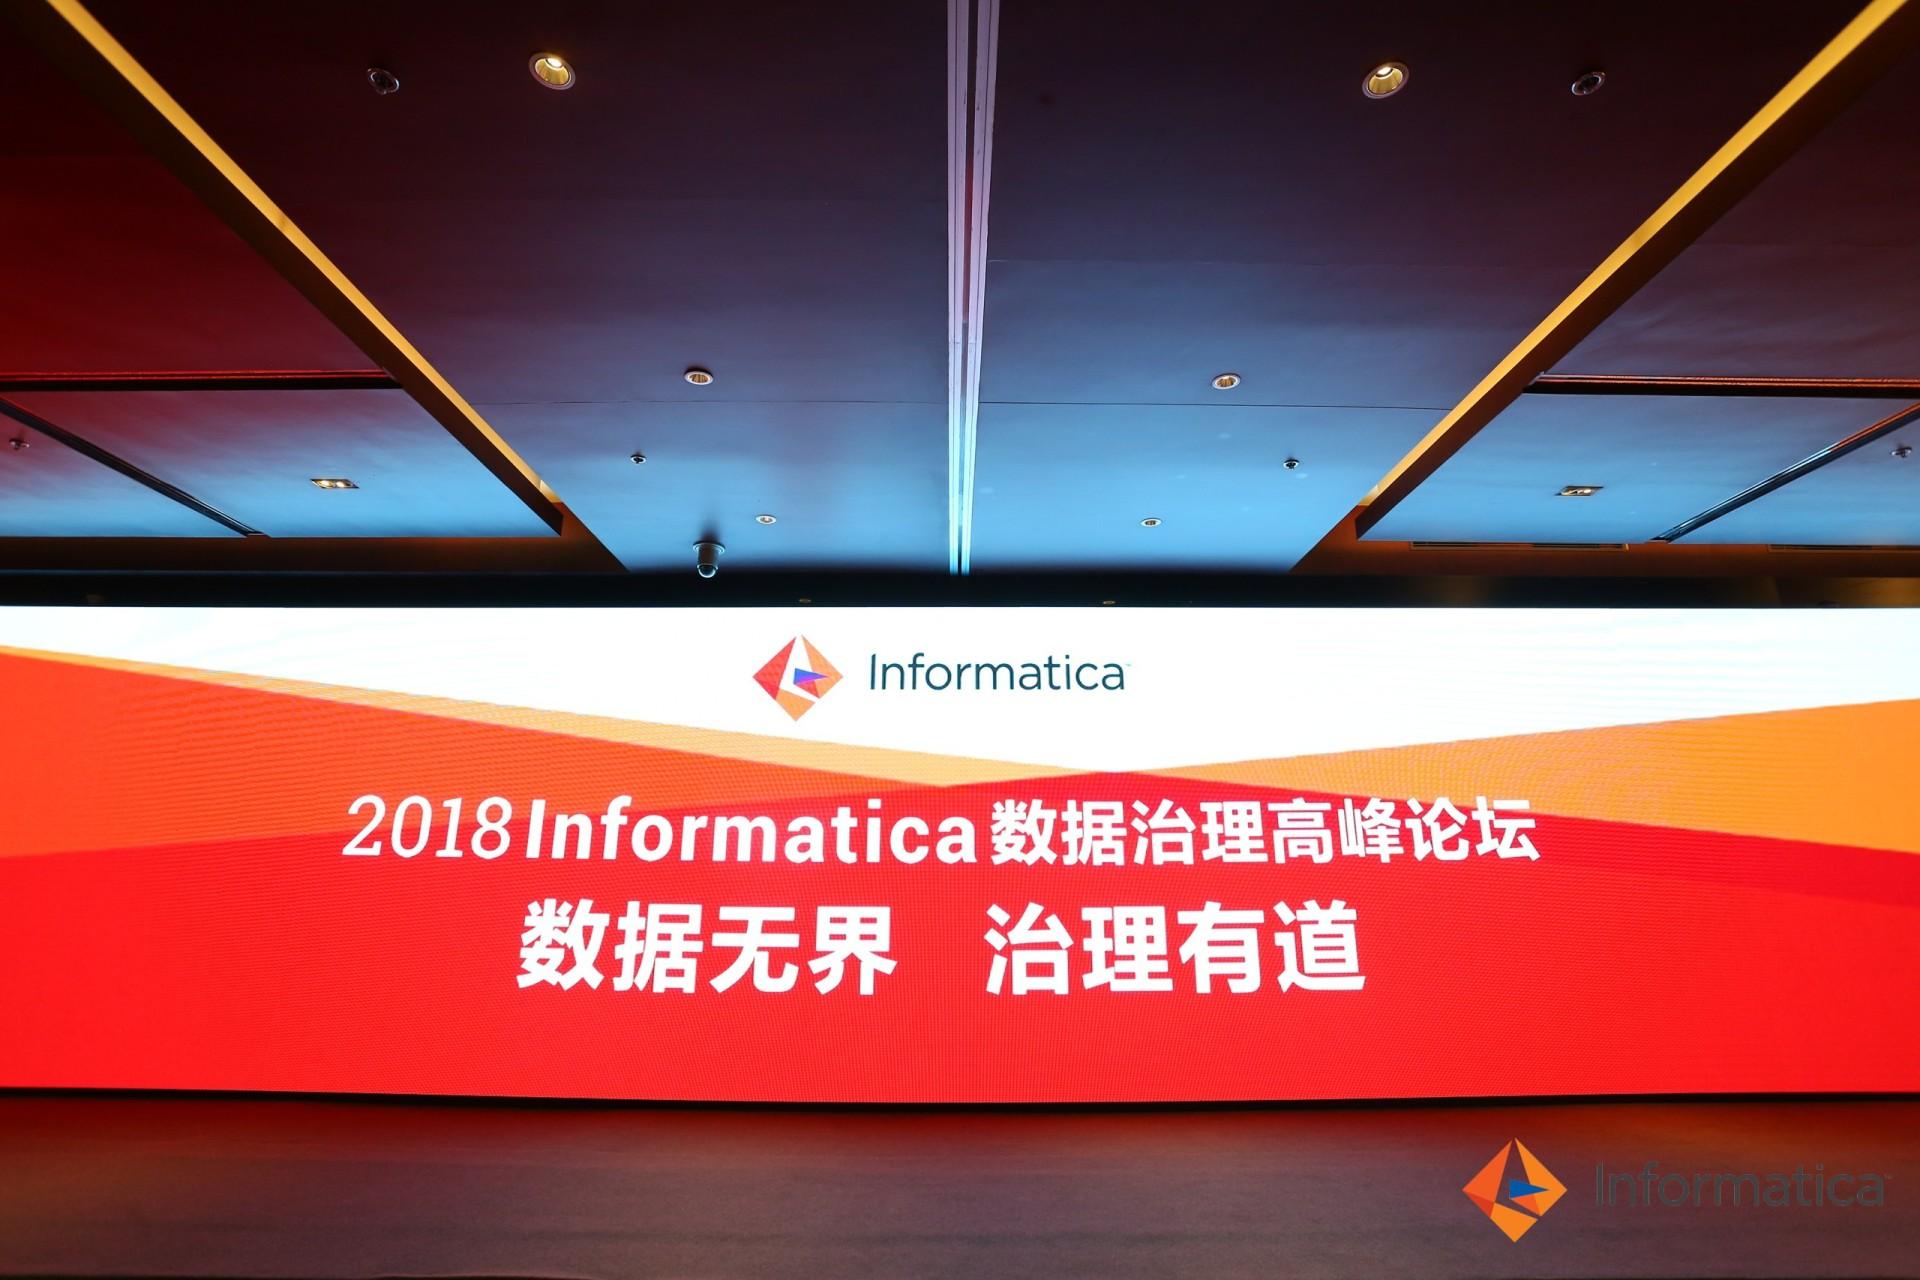 Informatica:数字化转型过程中,数据治理先行